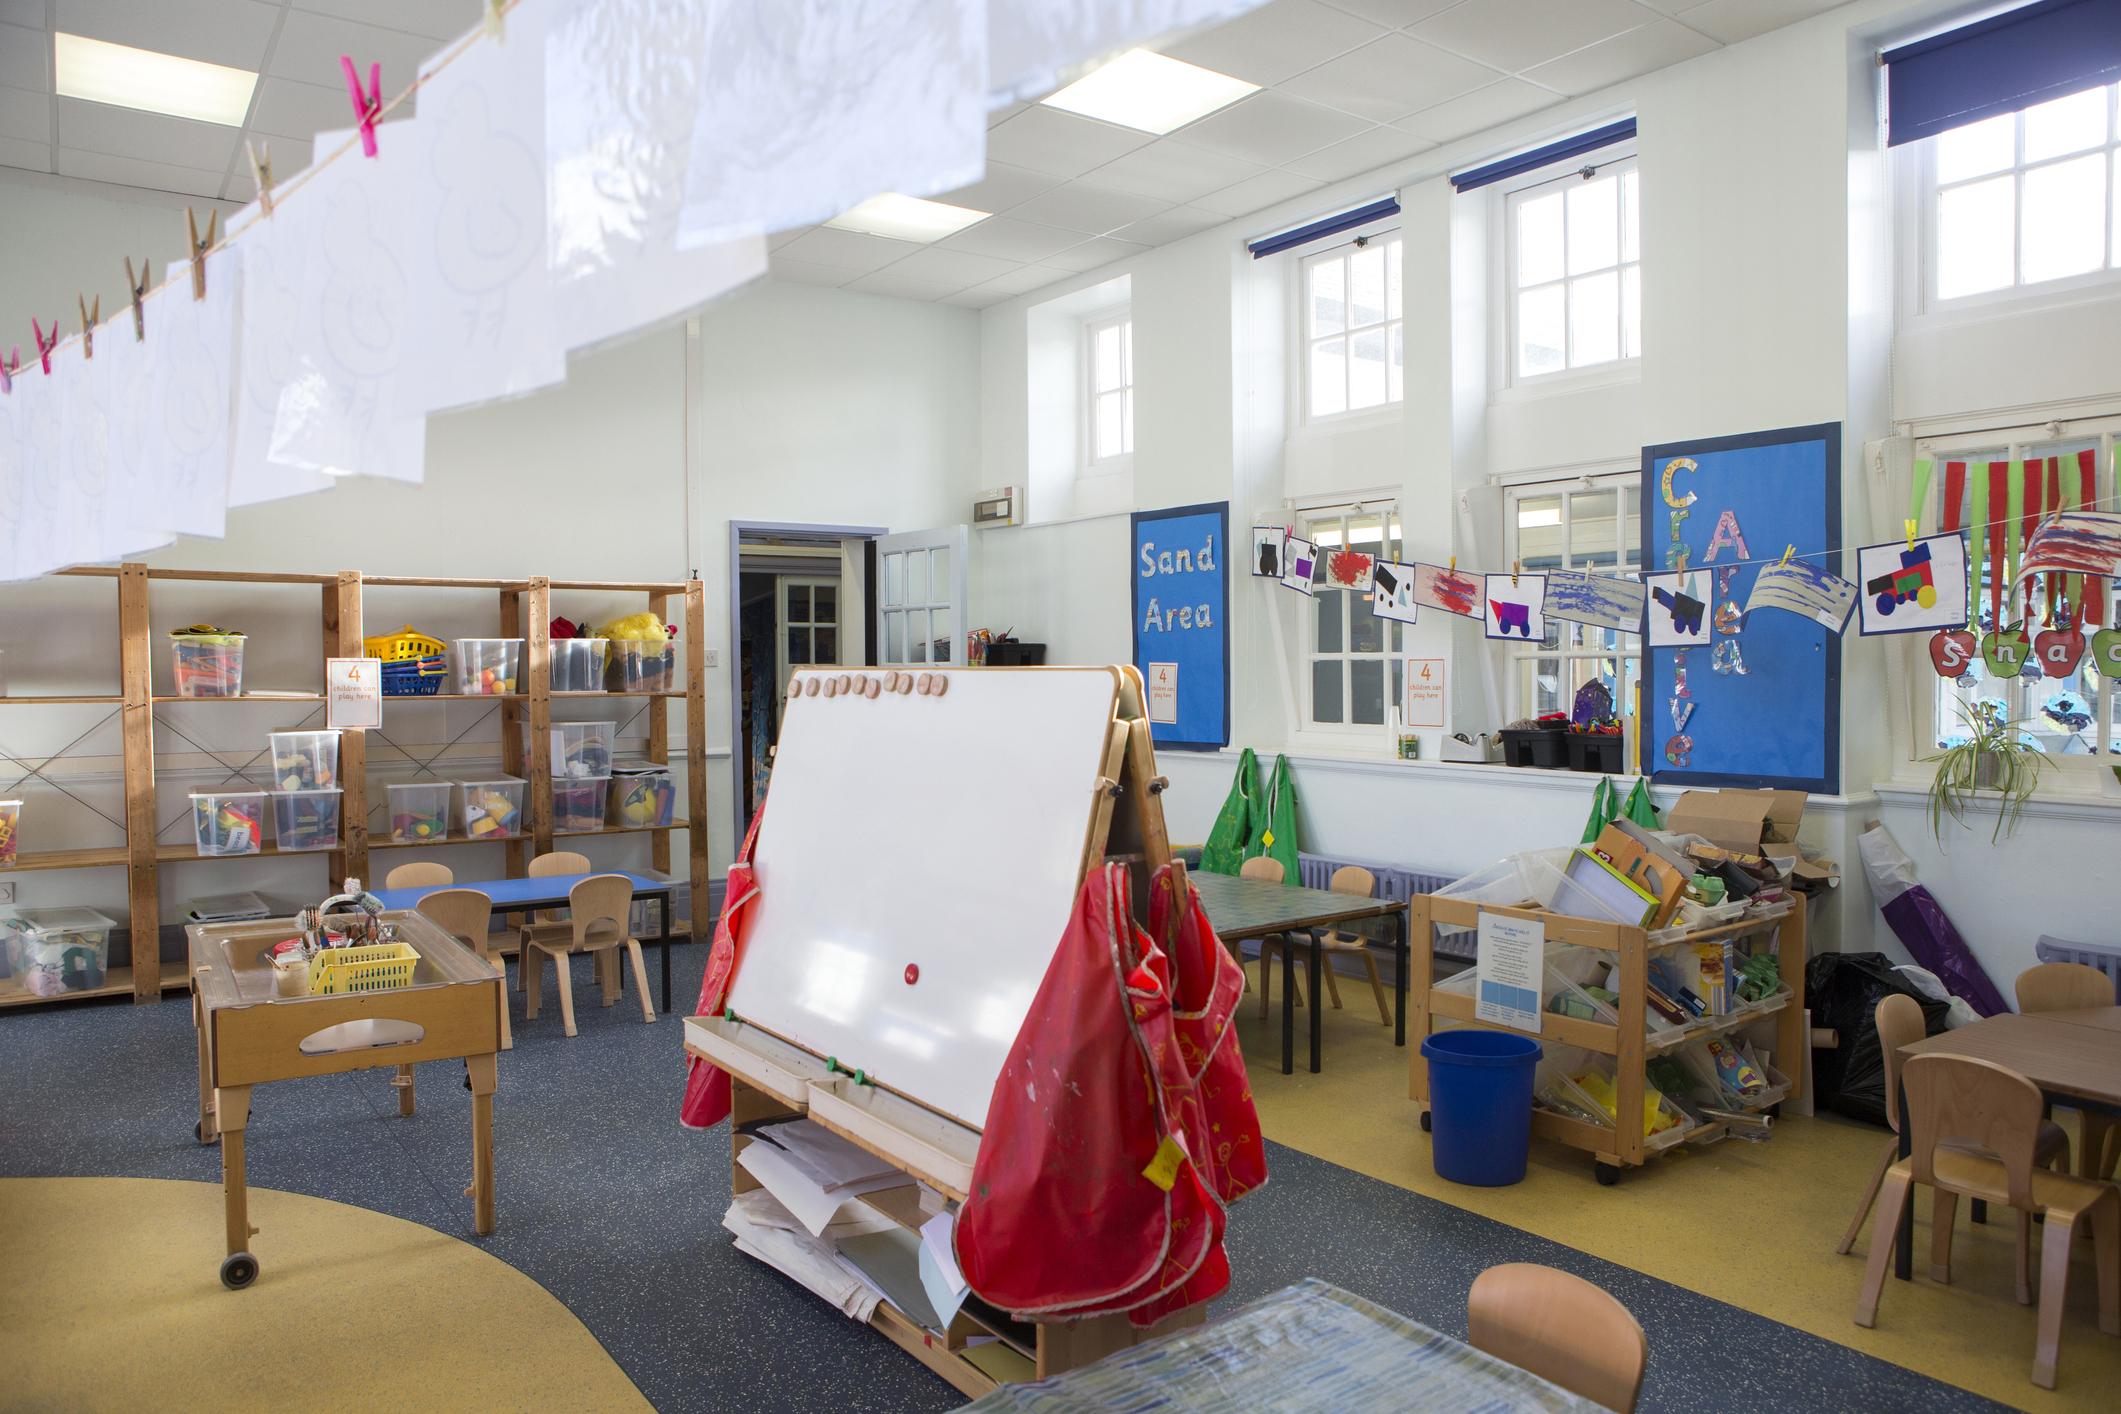 interior-de-la-escuela-montaje-tipo-aulajpg